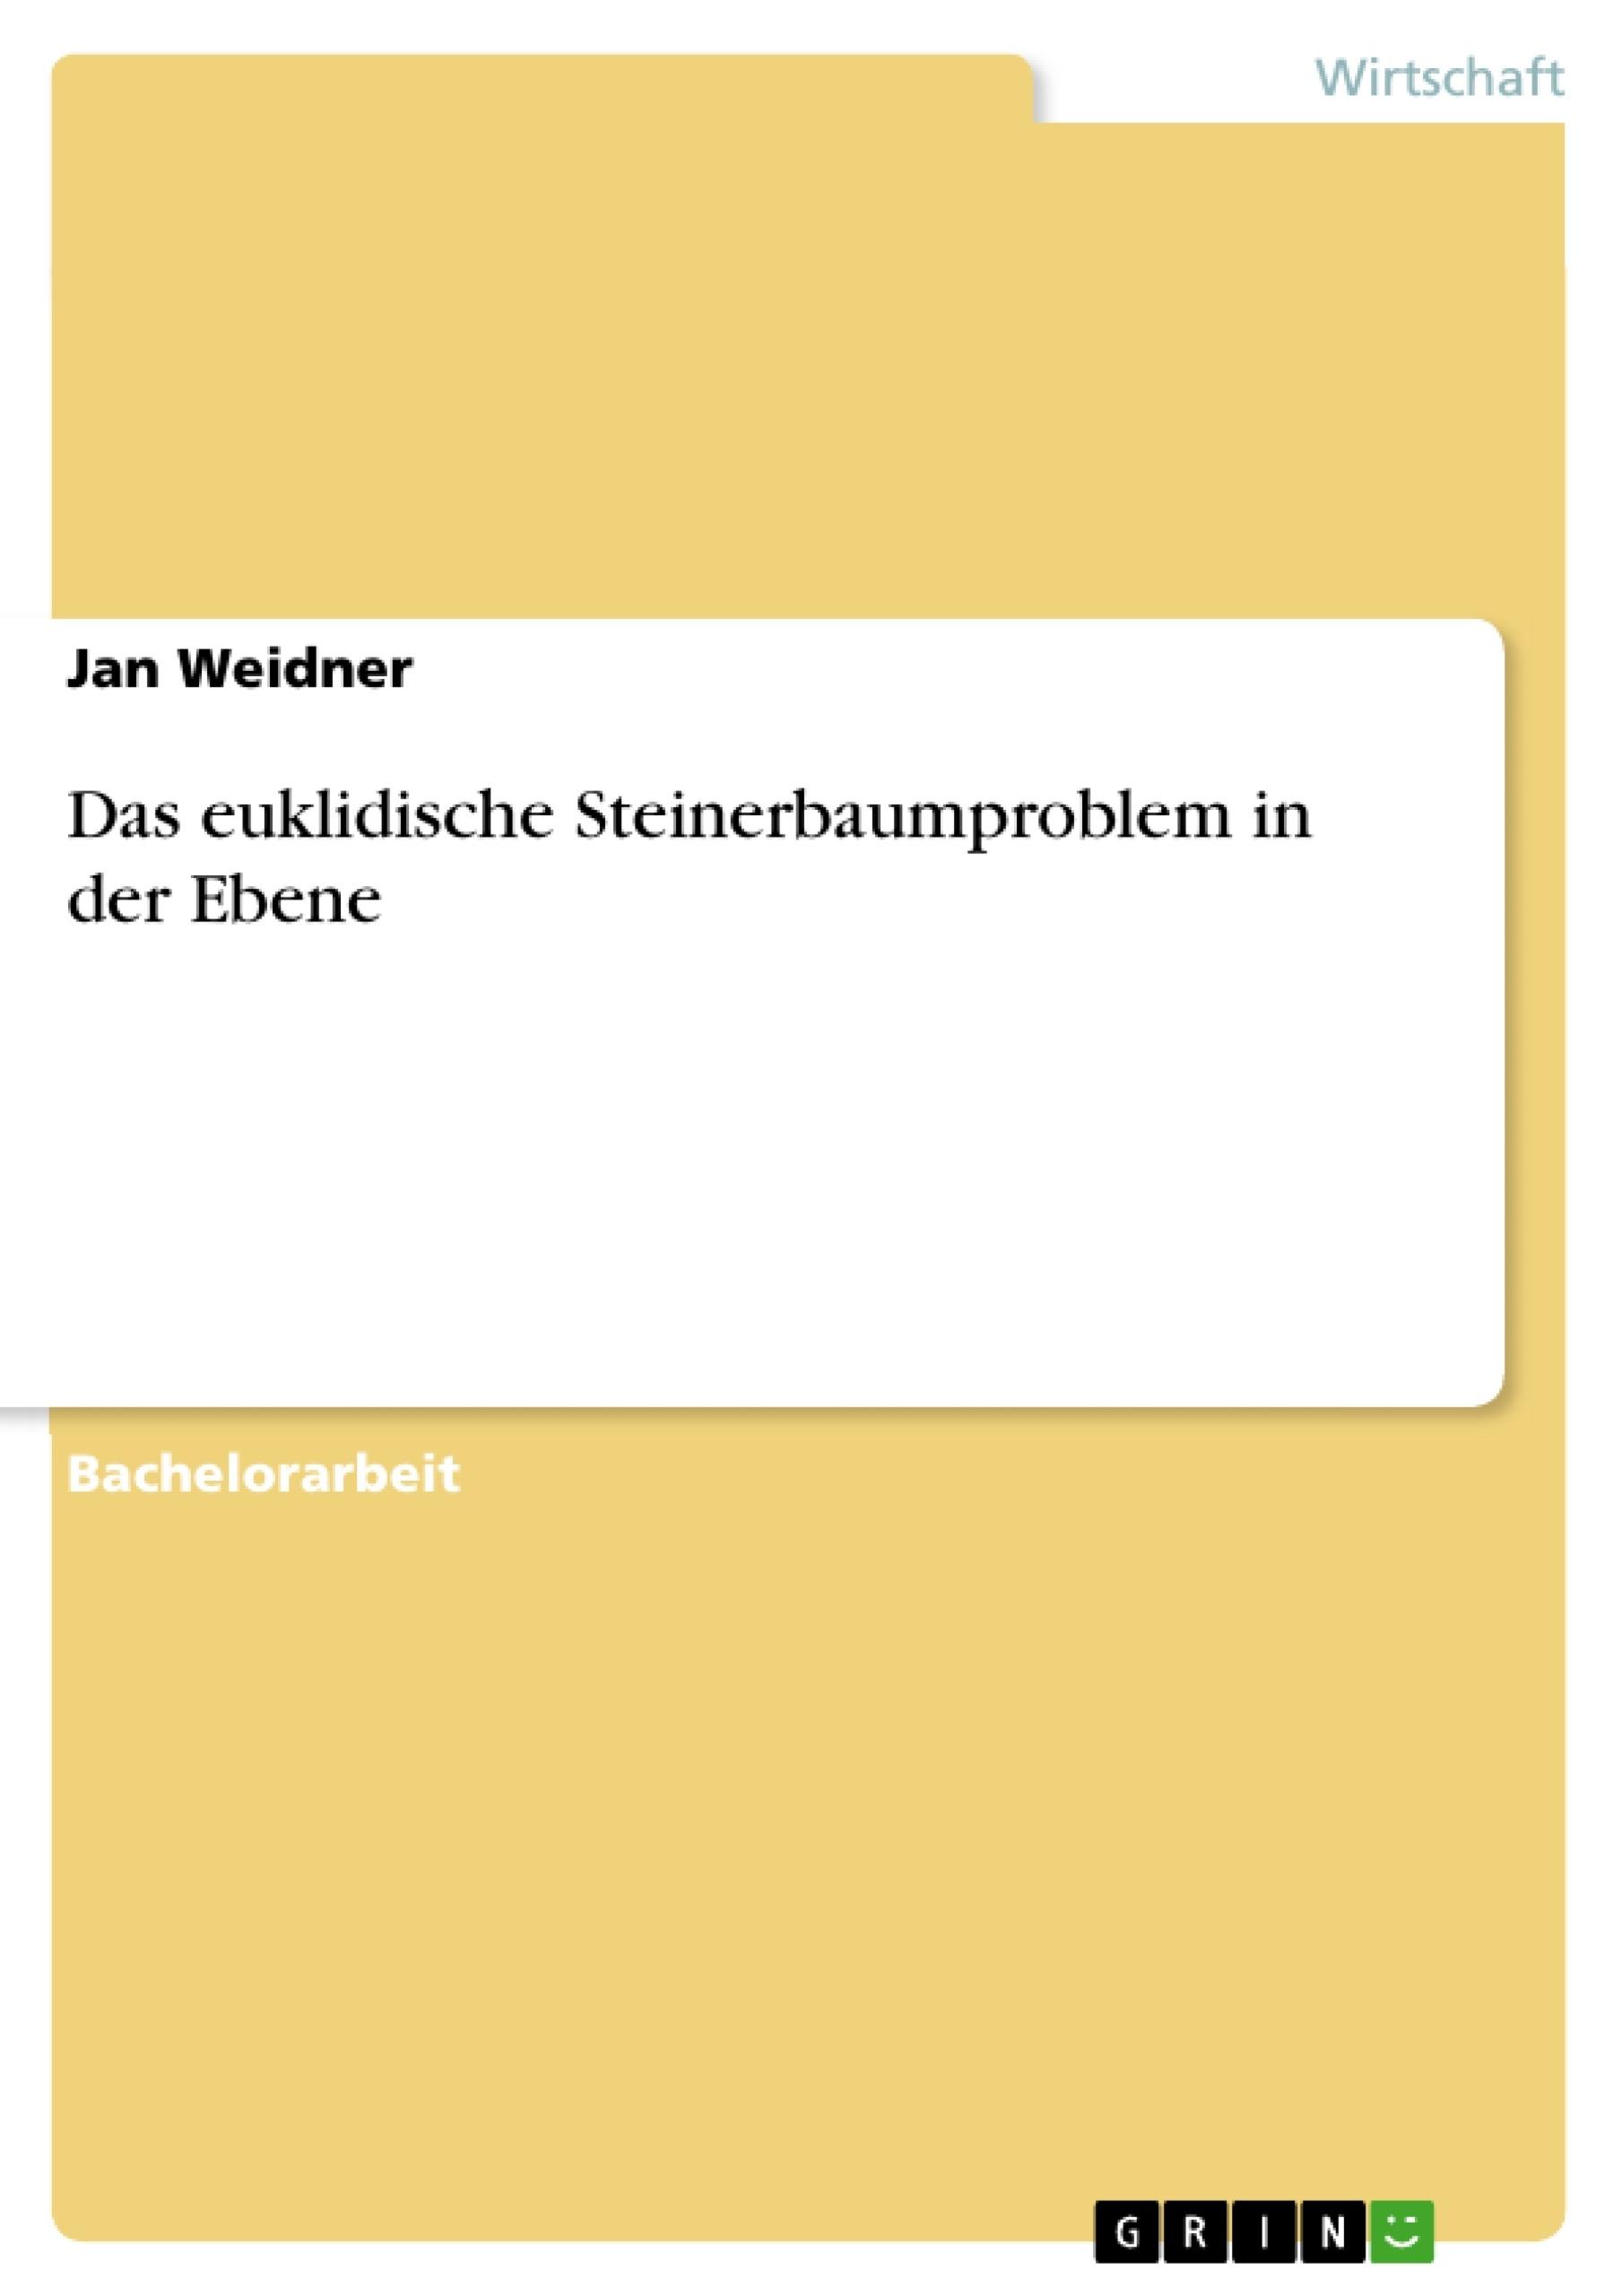 Titel: Das euklidische Steinerbaumproblem in der Ebene